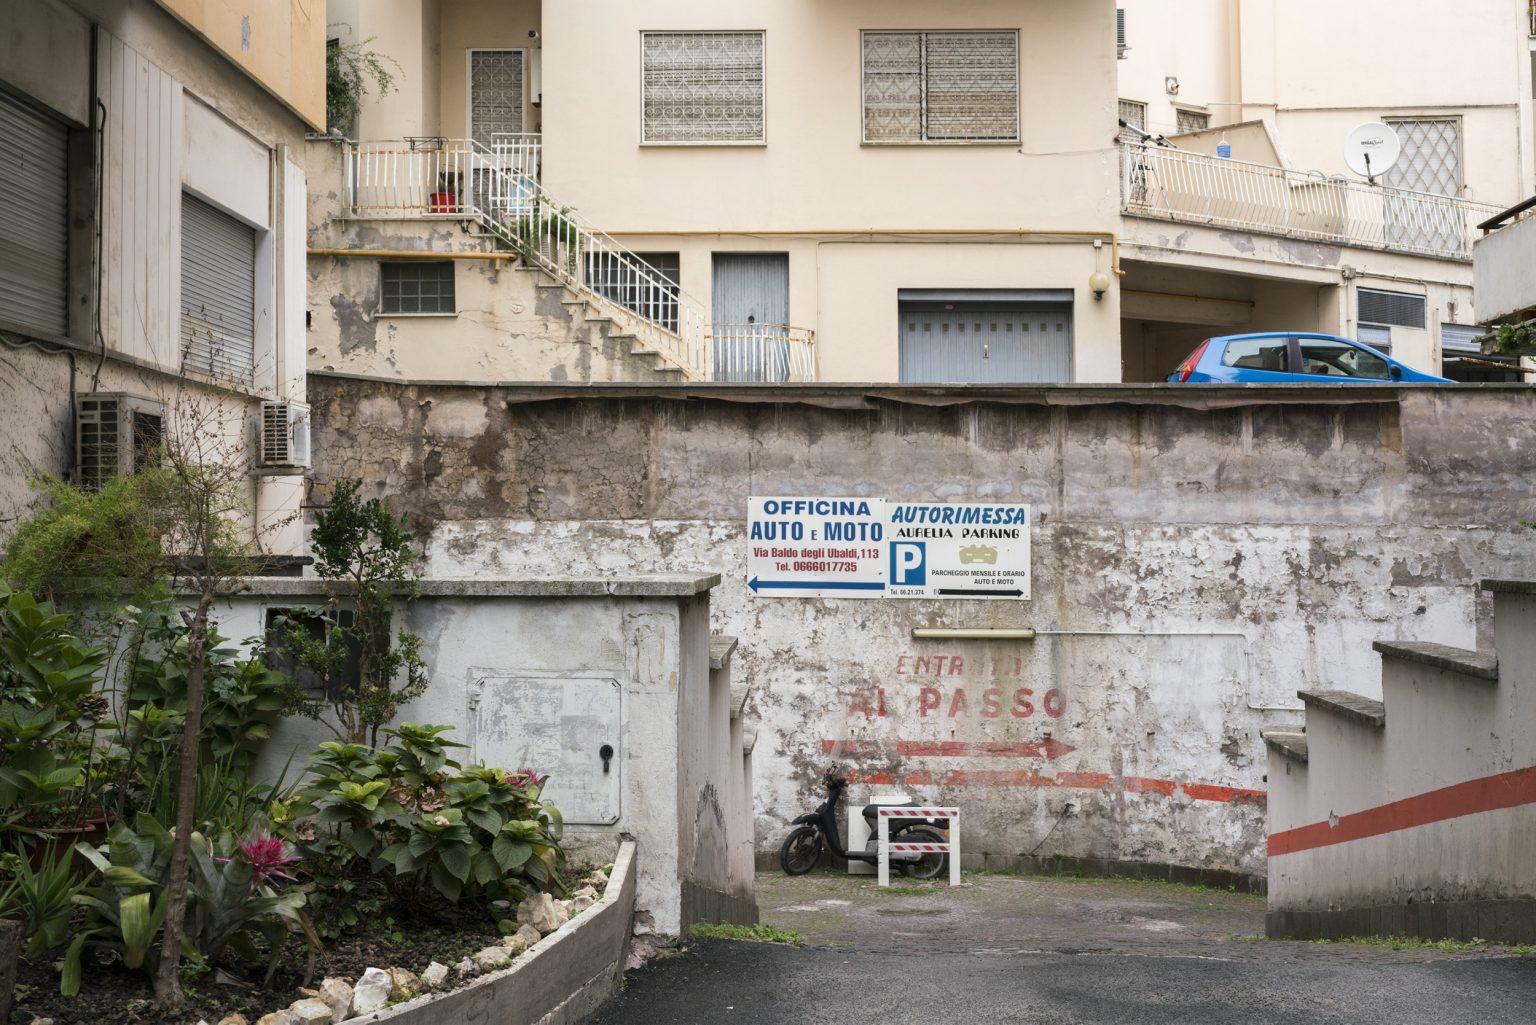 Rome, October 2016 - Via Baldo Degli Ubaldi. >< Roma, ottobre 2016 - Via Baldo Degli Ubaldi.